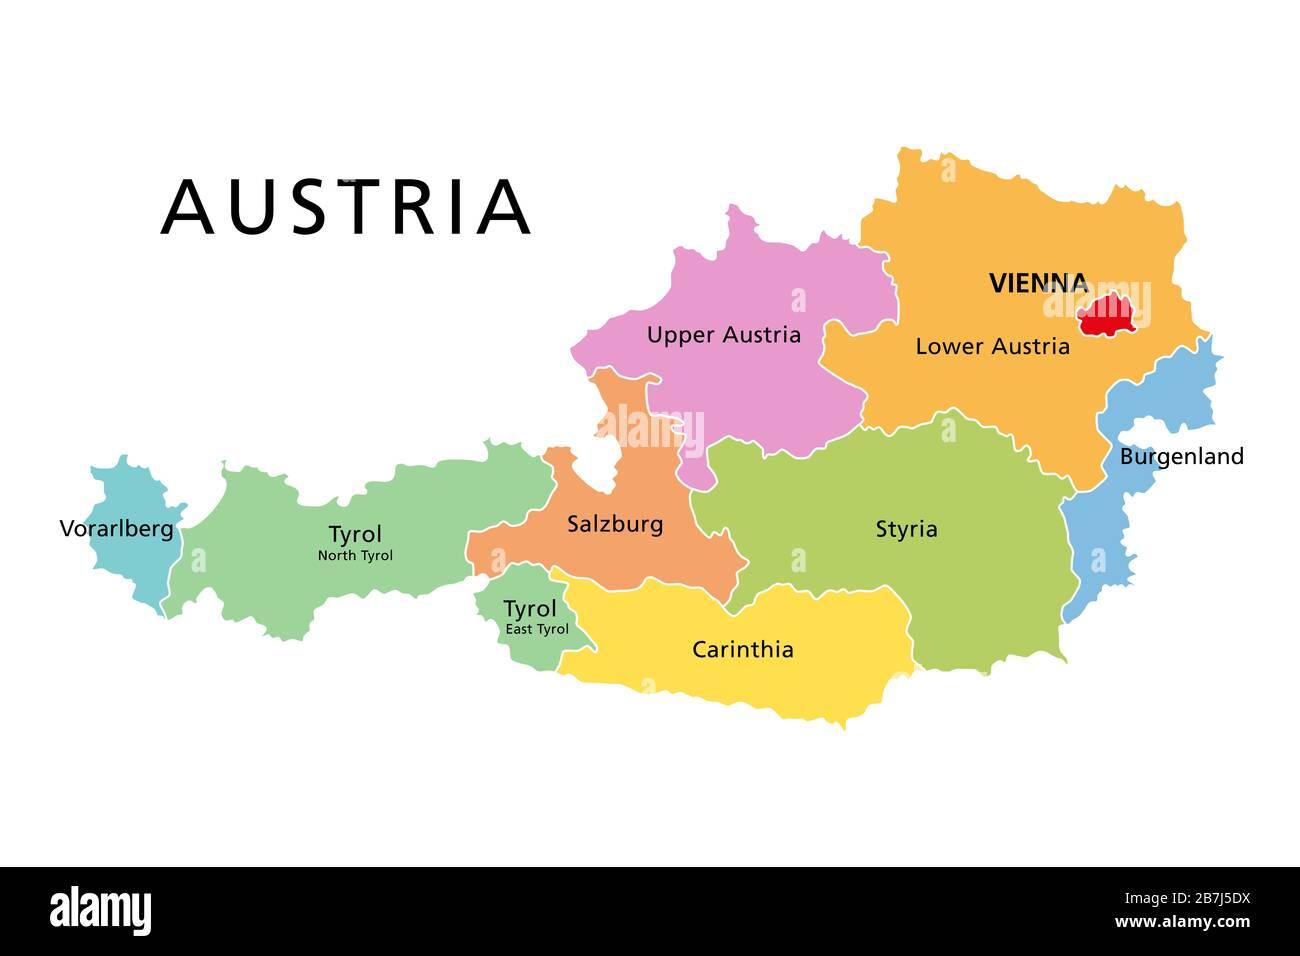 Cartina Del Austria.Austria Mappa Politica Con Stati Federati Colorati La Capitale Vienna E I Confini Etichetta Inglese Illustrazione Isolata Su Sfondo Bianco Foto Stock Alamy